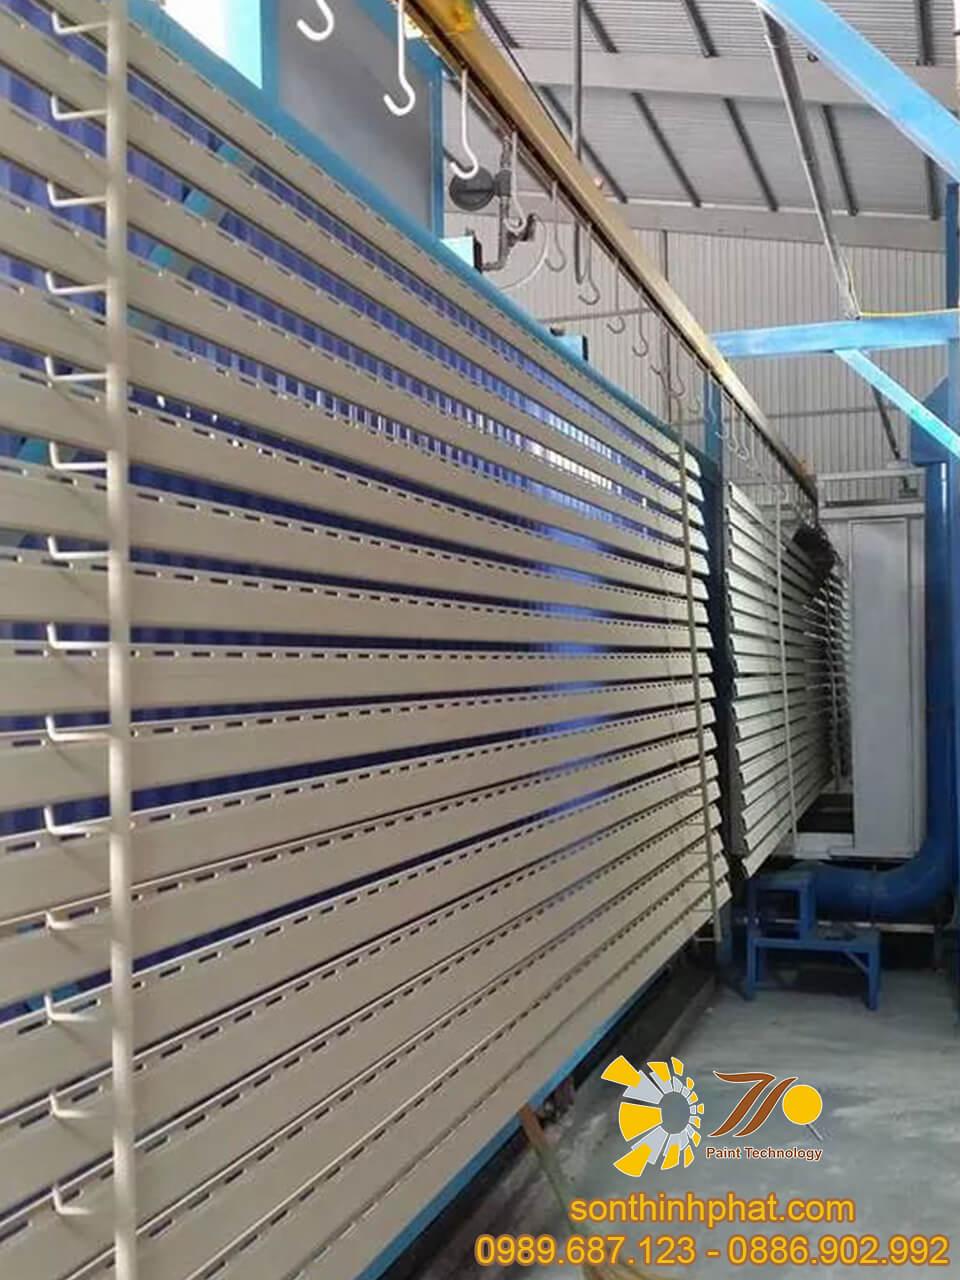 Hệ thống chuyền sơn tĩnh điện ngành nhôm